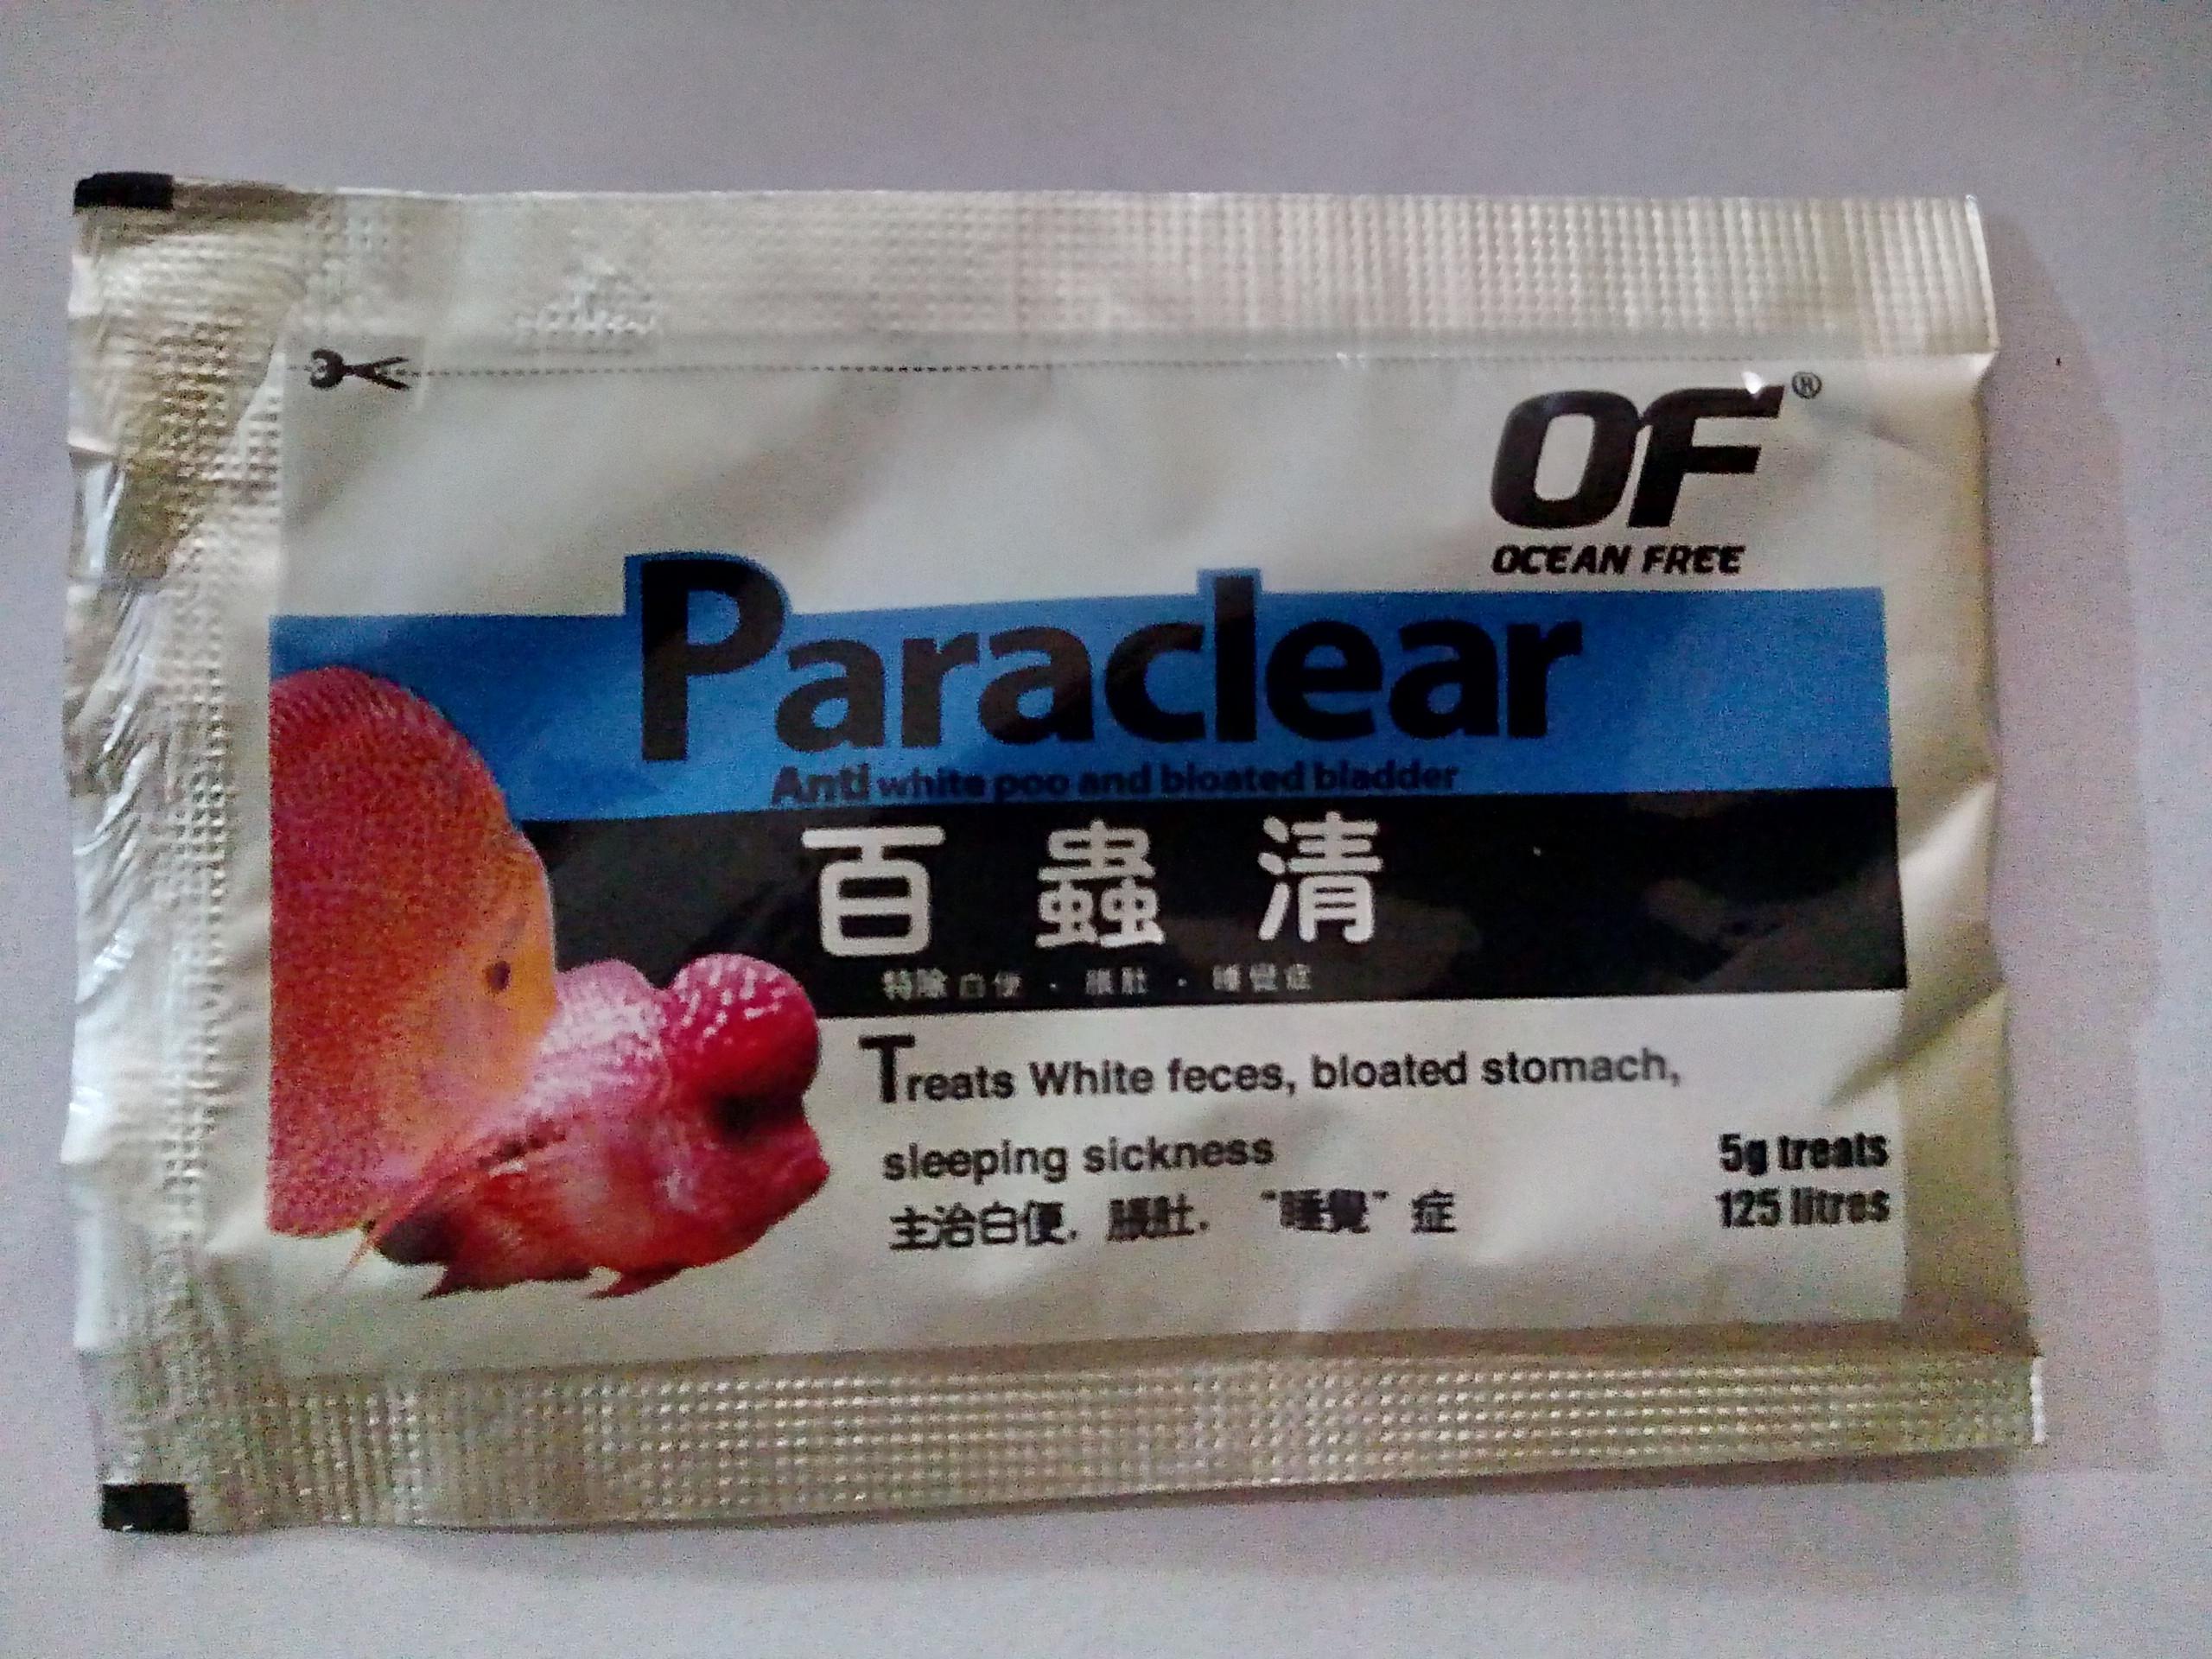 Buy ocean free paraclear flowerhorn white poop diseases nvjuhfo Gallery